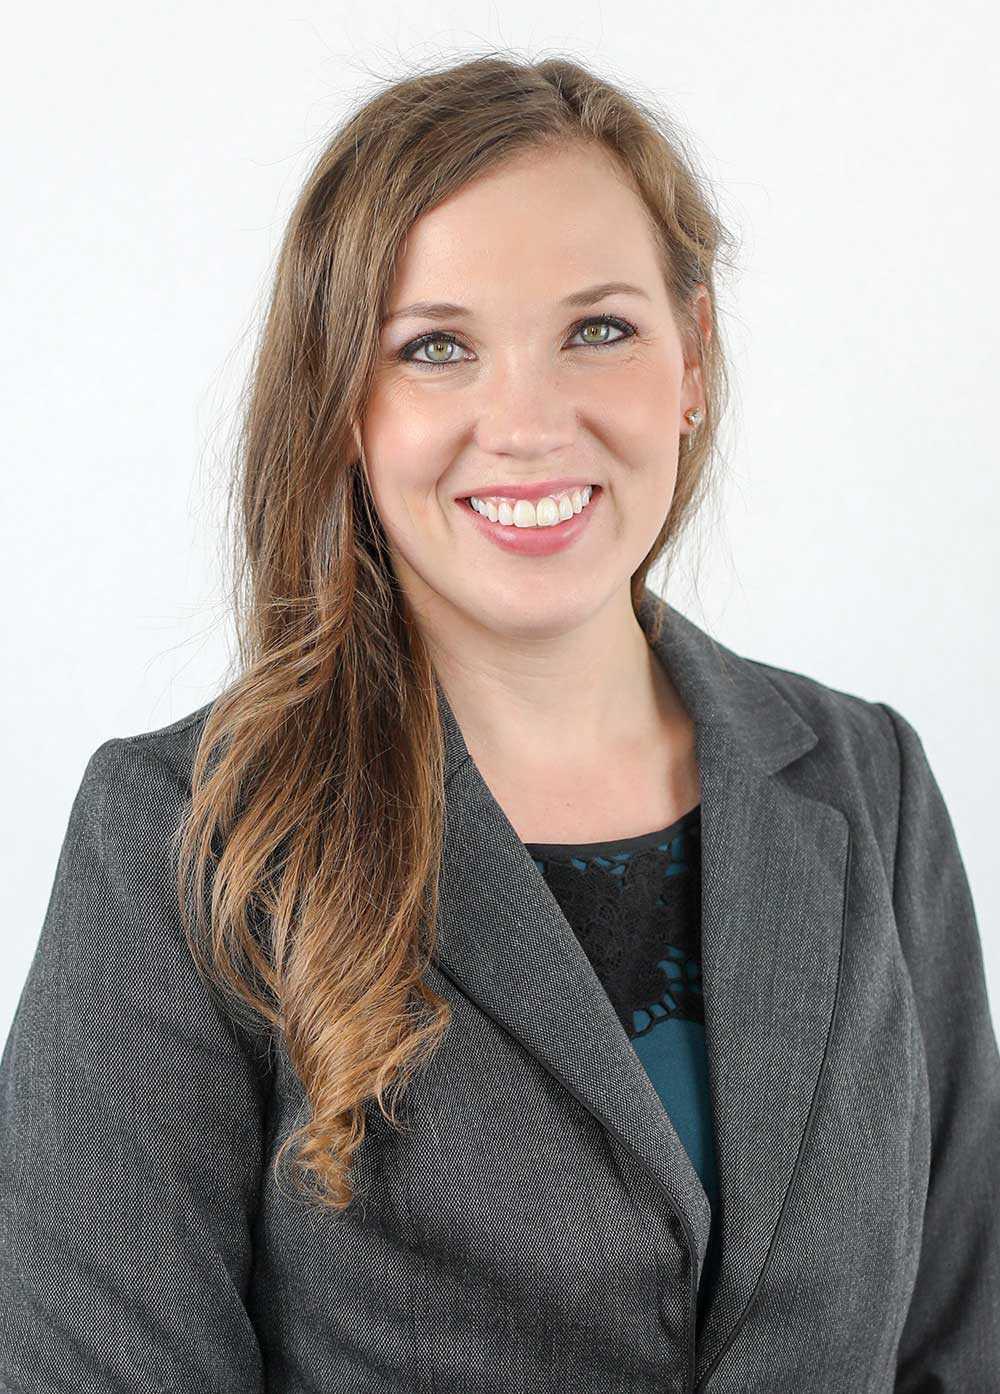 Headshot of Alyssa Aguirre